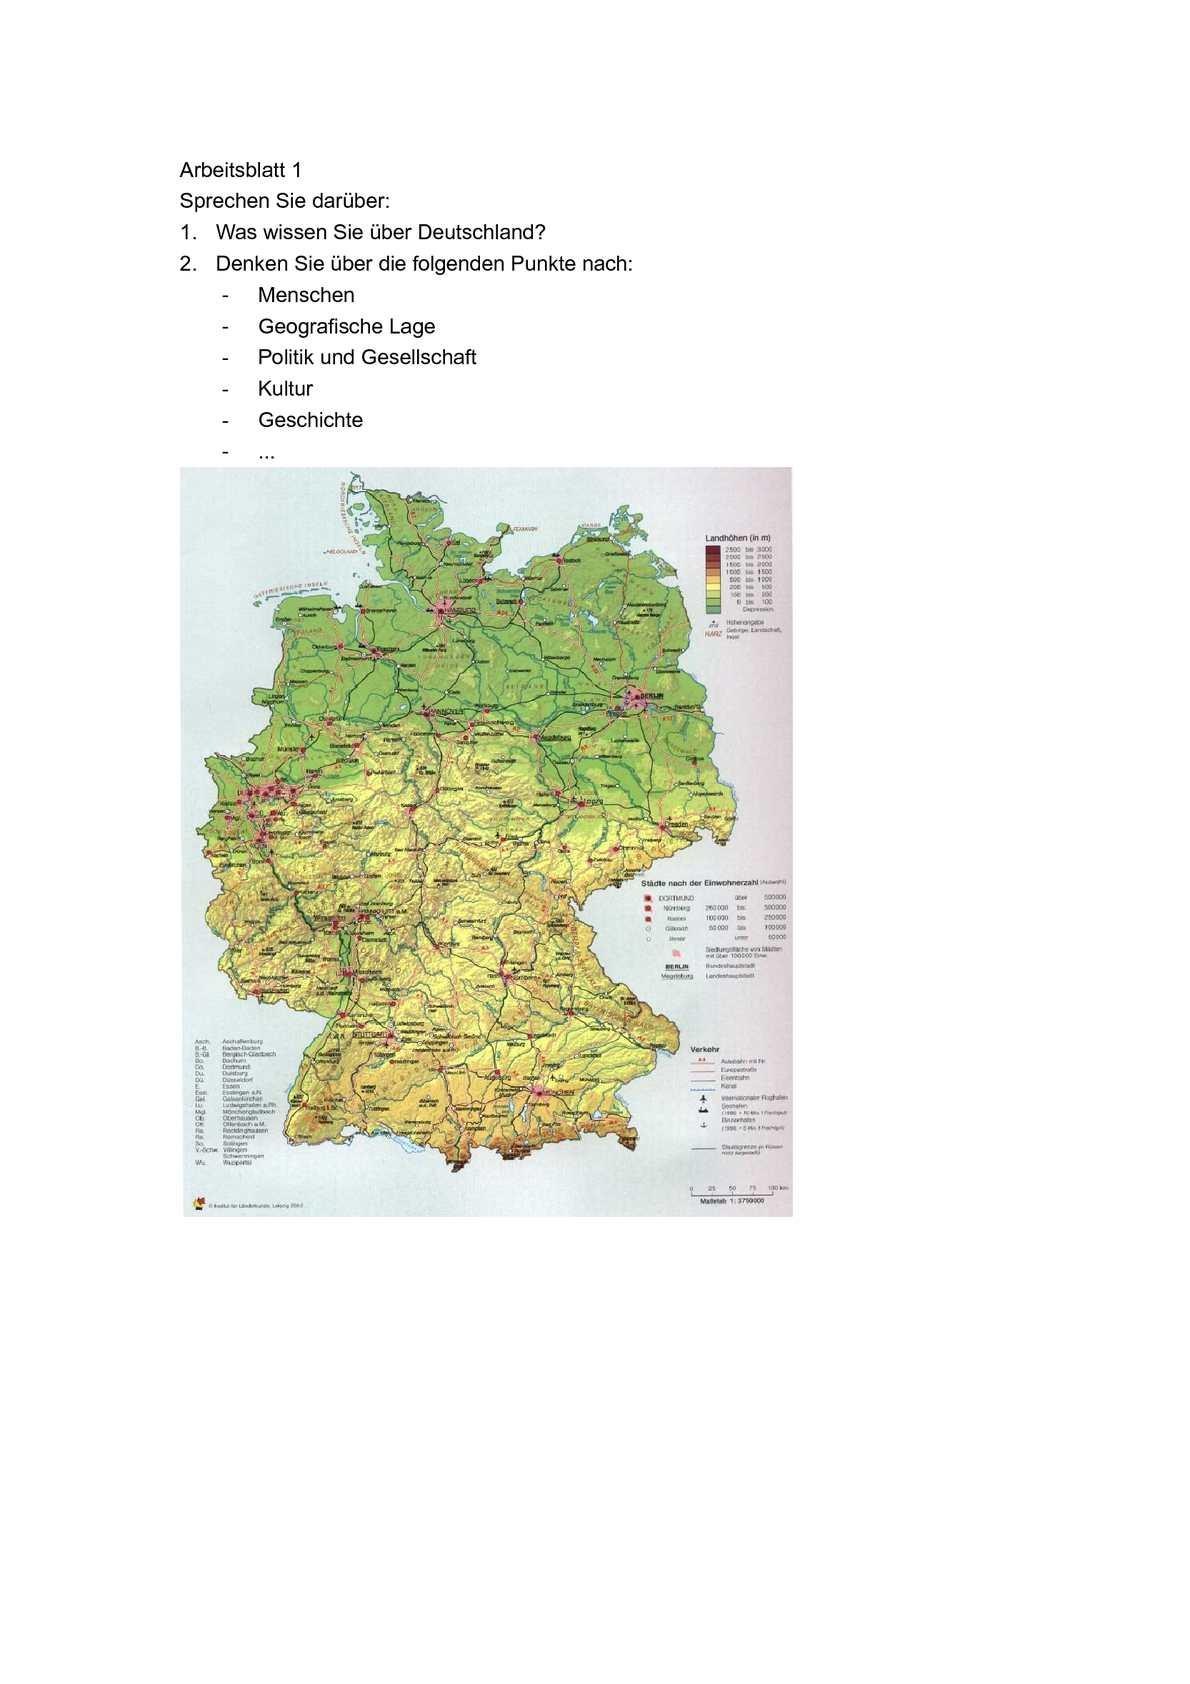 Calaméo - Landeskunde Deutschland ailingsun